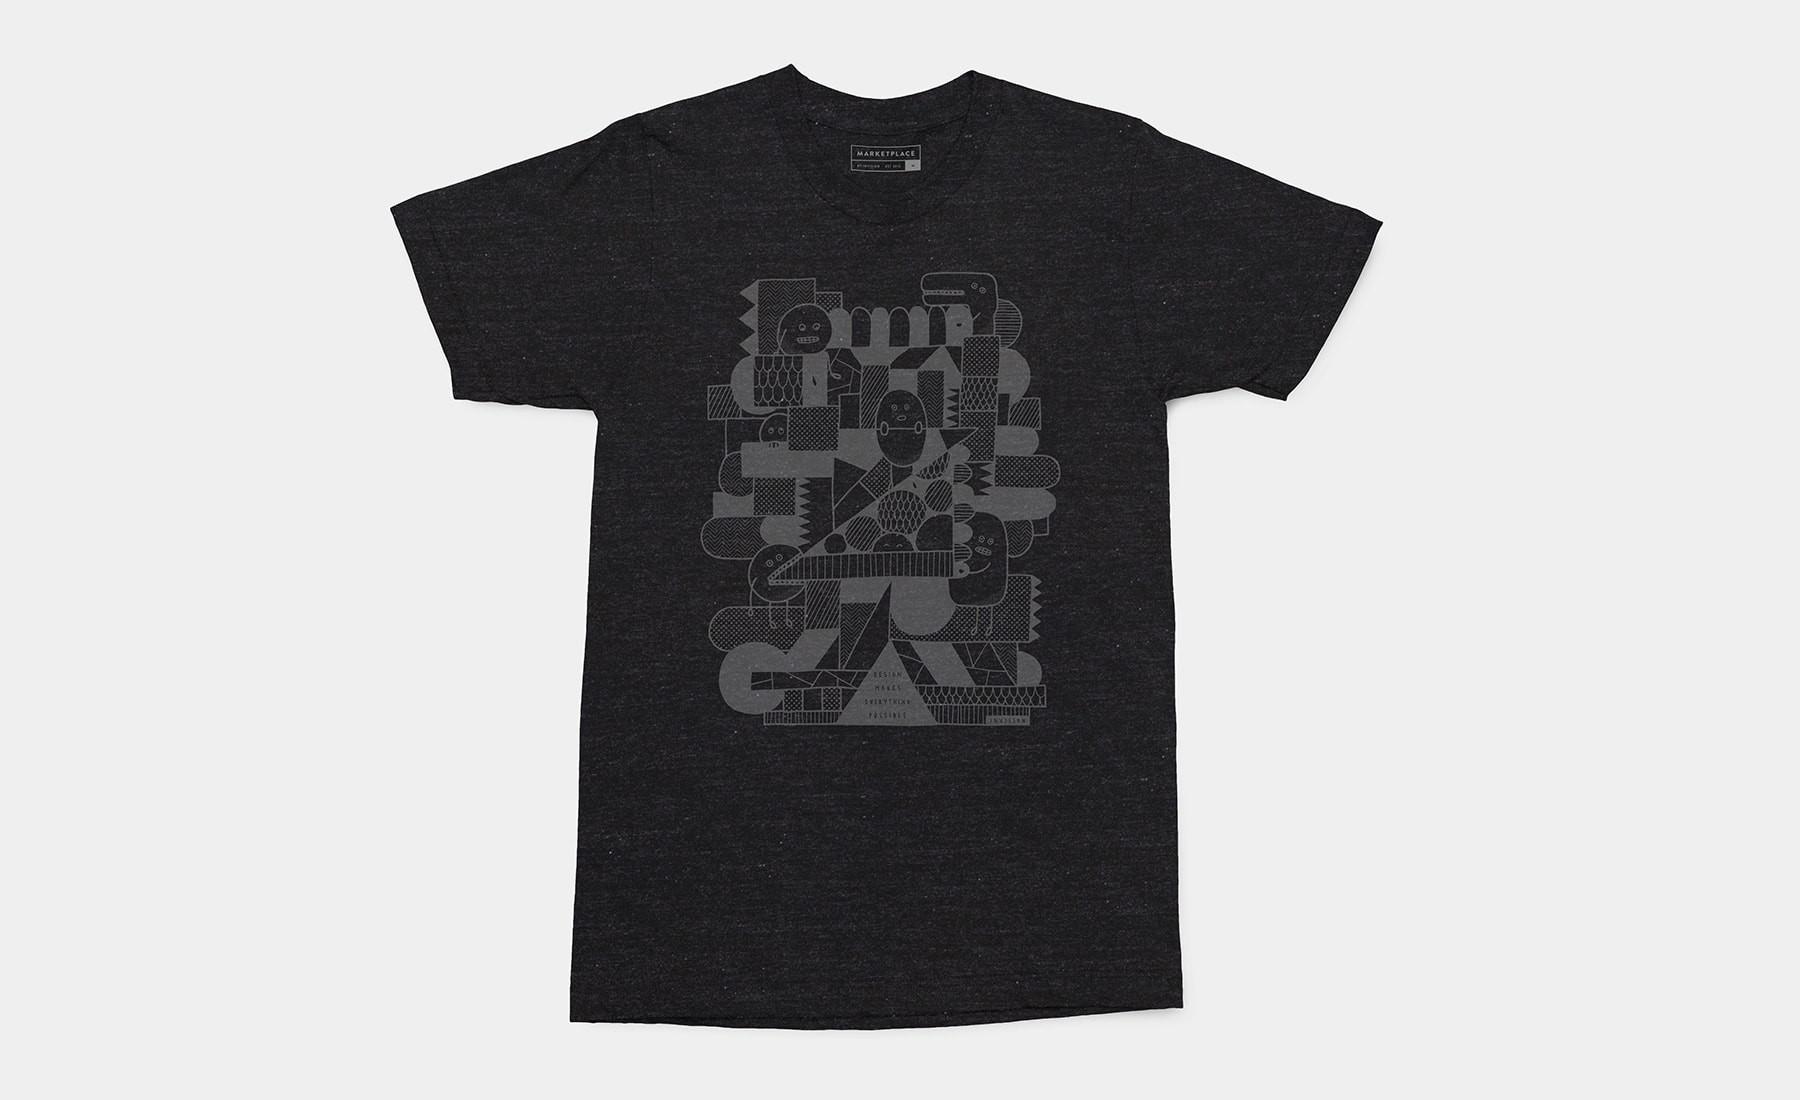 CINCY T-shirt Ohio Cincinnati XS-4XL Area Code 513